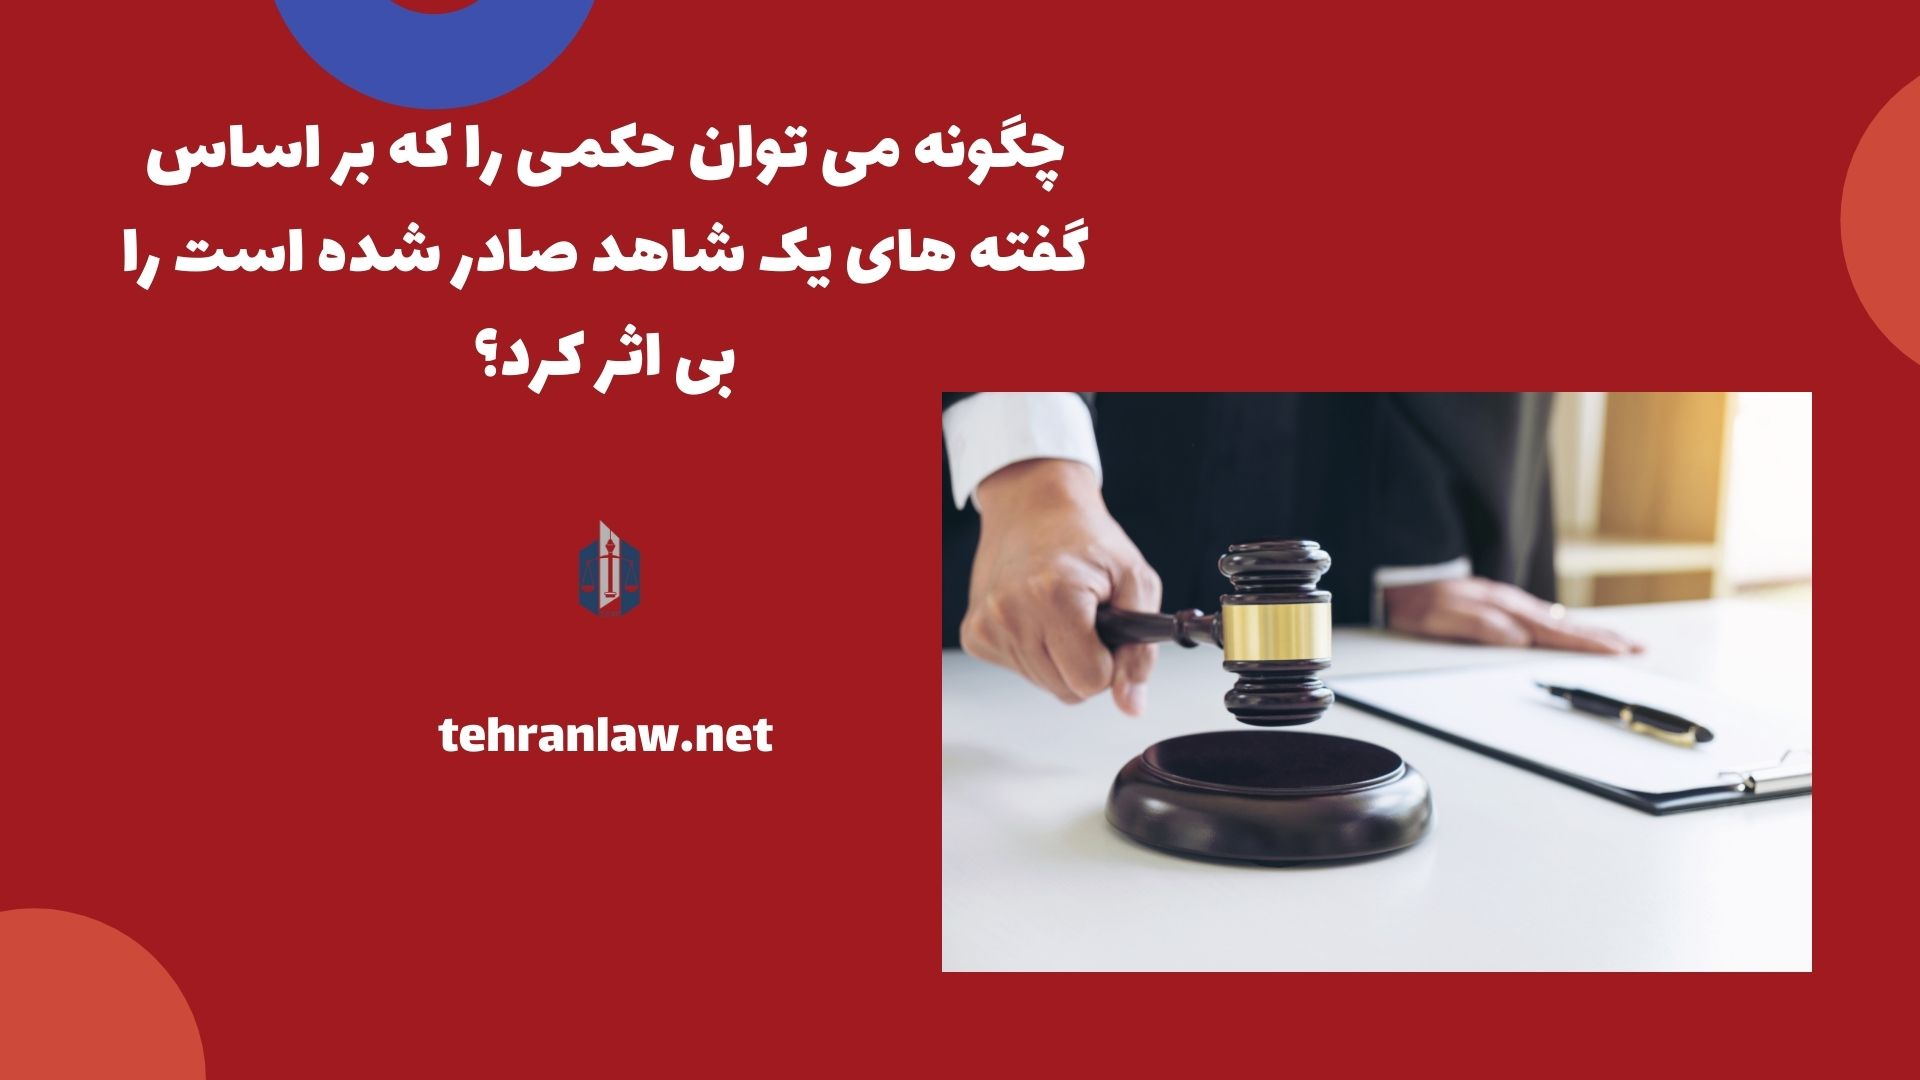 چگونه می توان حکمی را که بر اساس گفته های یک شاهد صادر شده است را بی اثر کرد؟